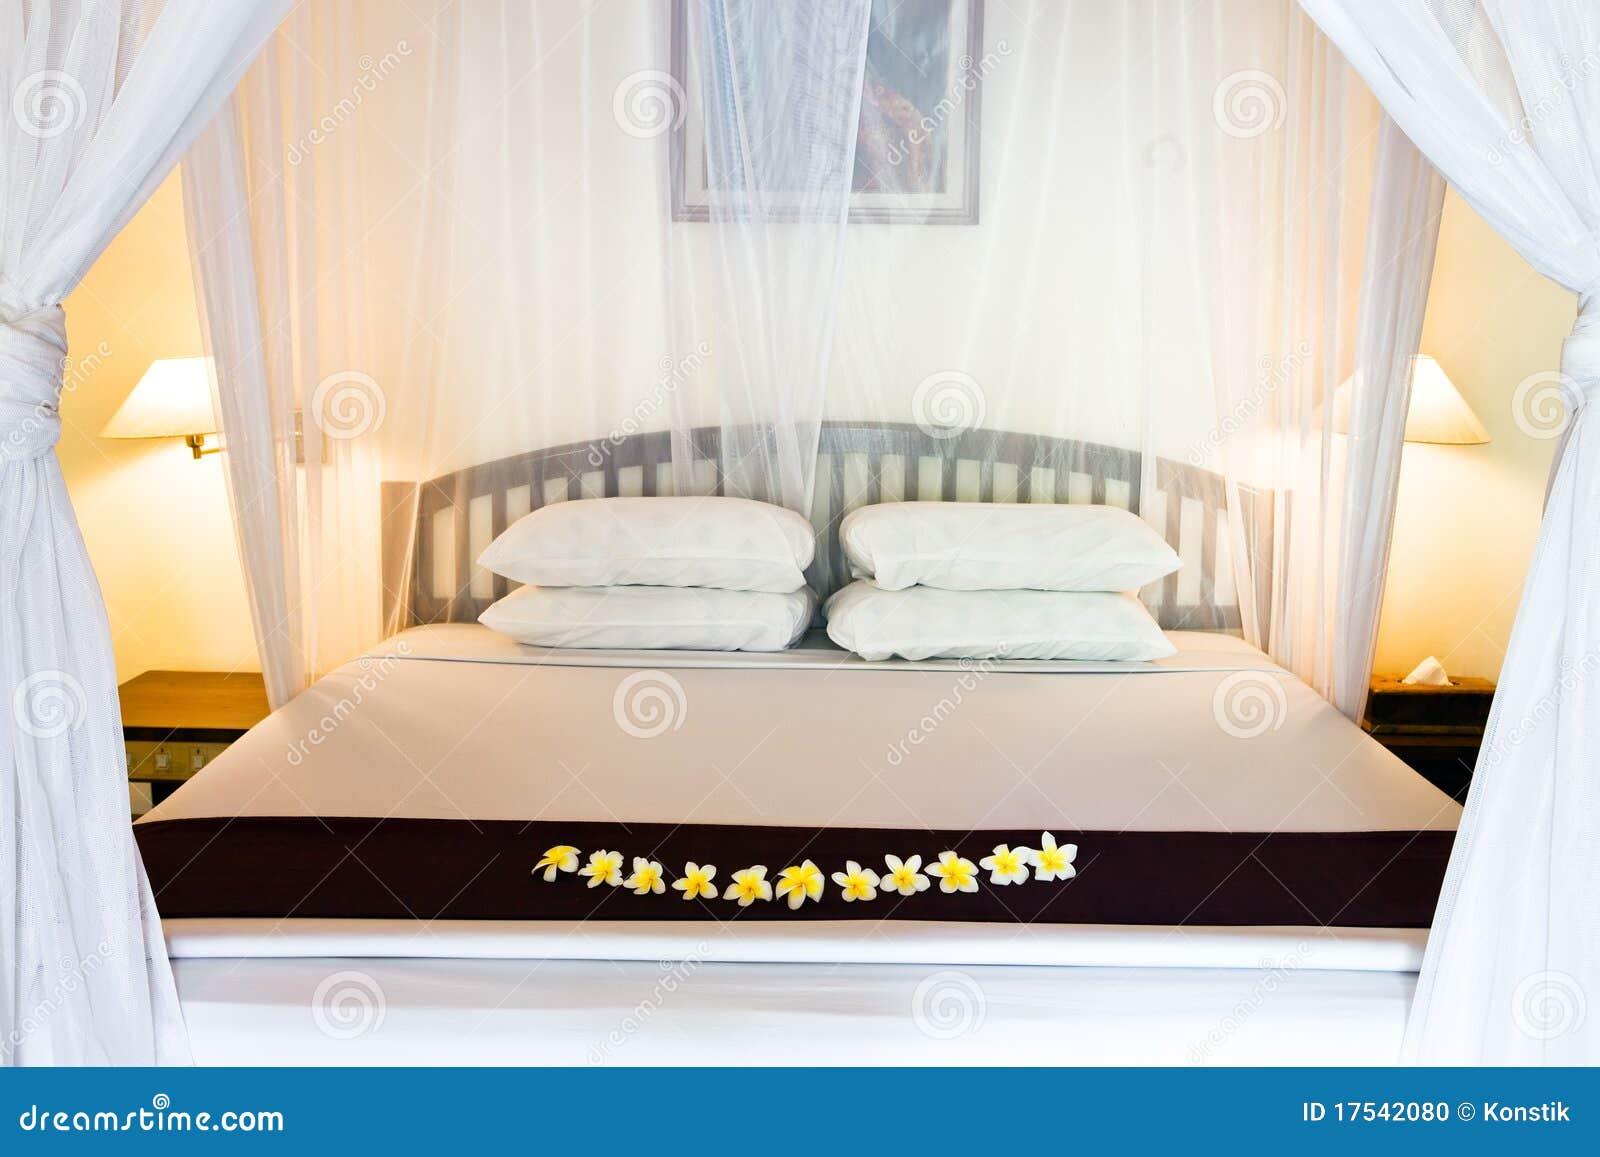 Cama ancha bajo las cortinas de la cama foto de archivo imagen 17542080 - Cortinas para cama ...